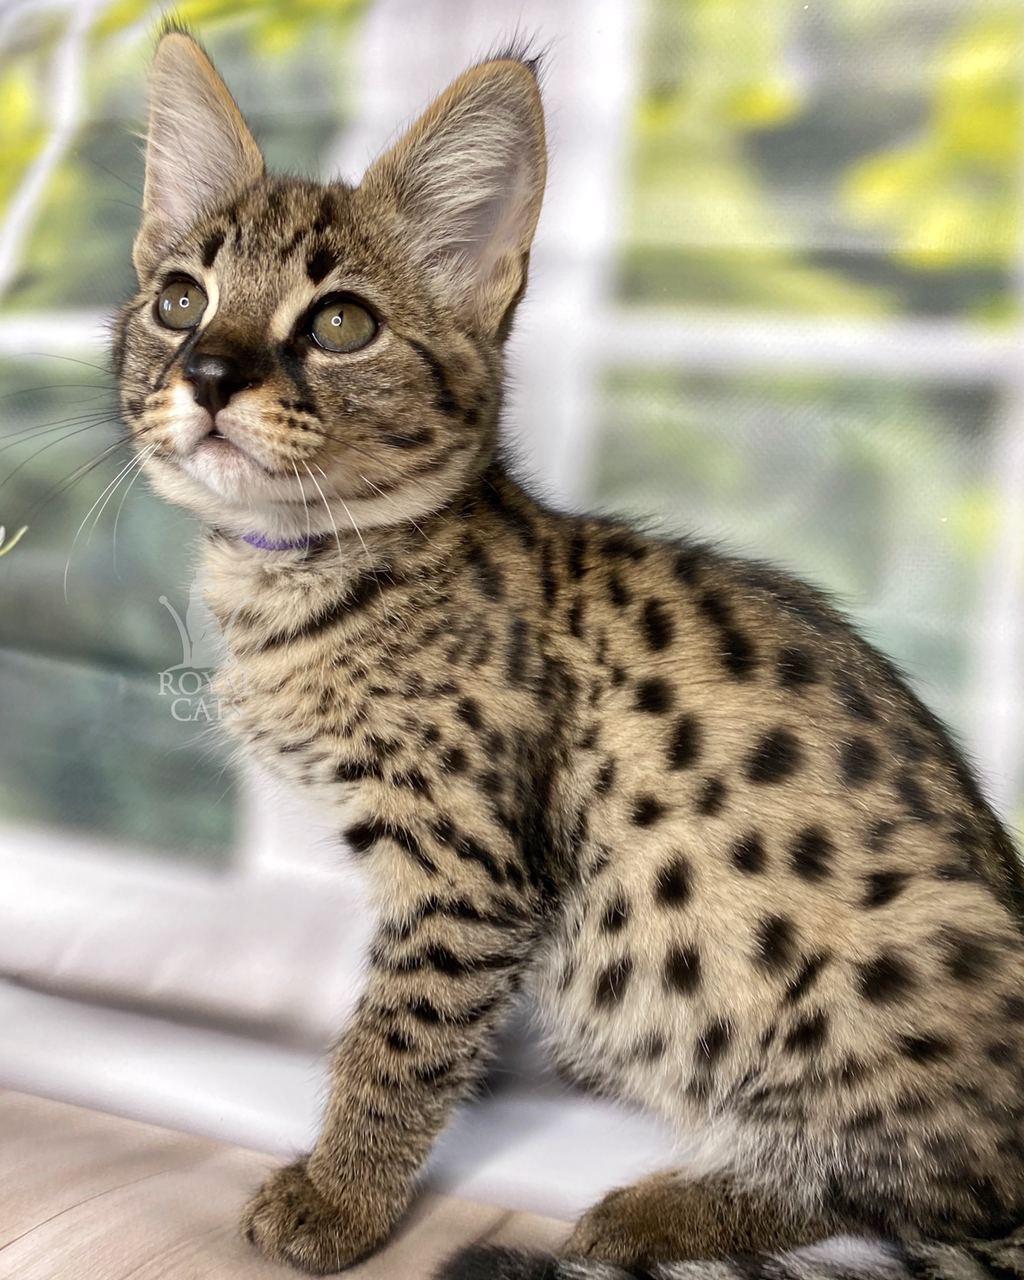 Котёнок Саванна Ф1, родилась 01/08/2020. Котята Саванна Ф1, питомник Royal Cats. Украина, Киев